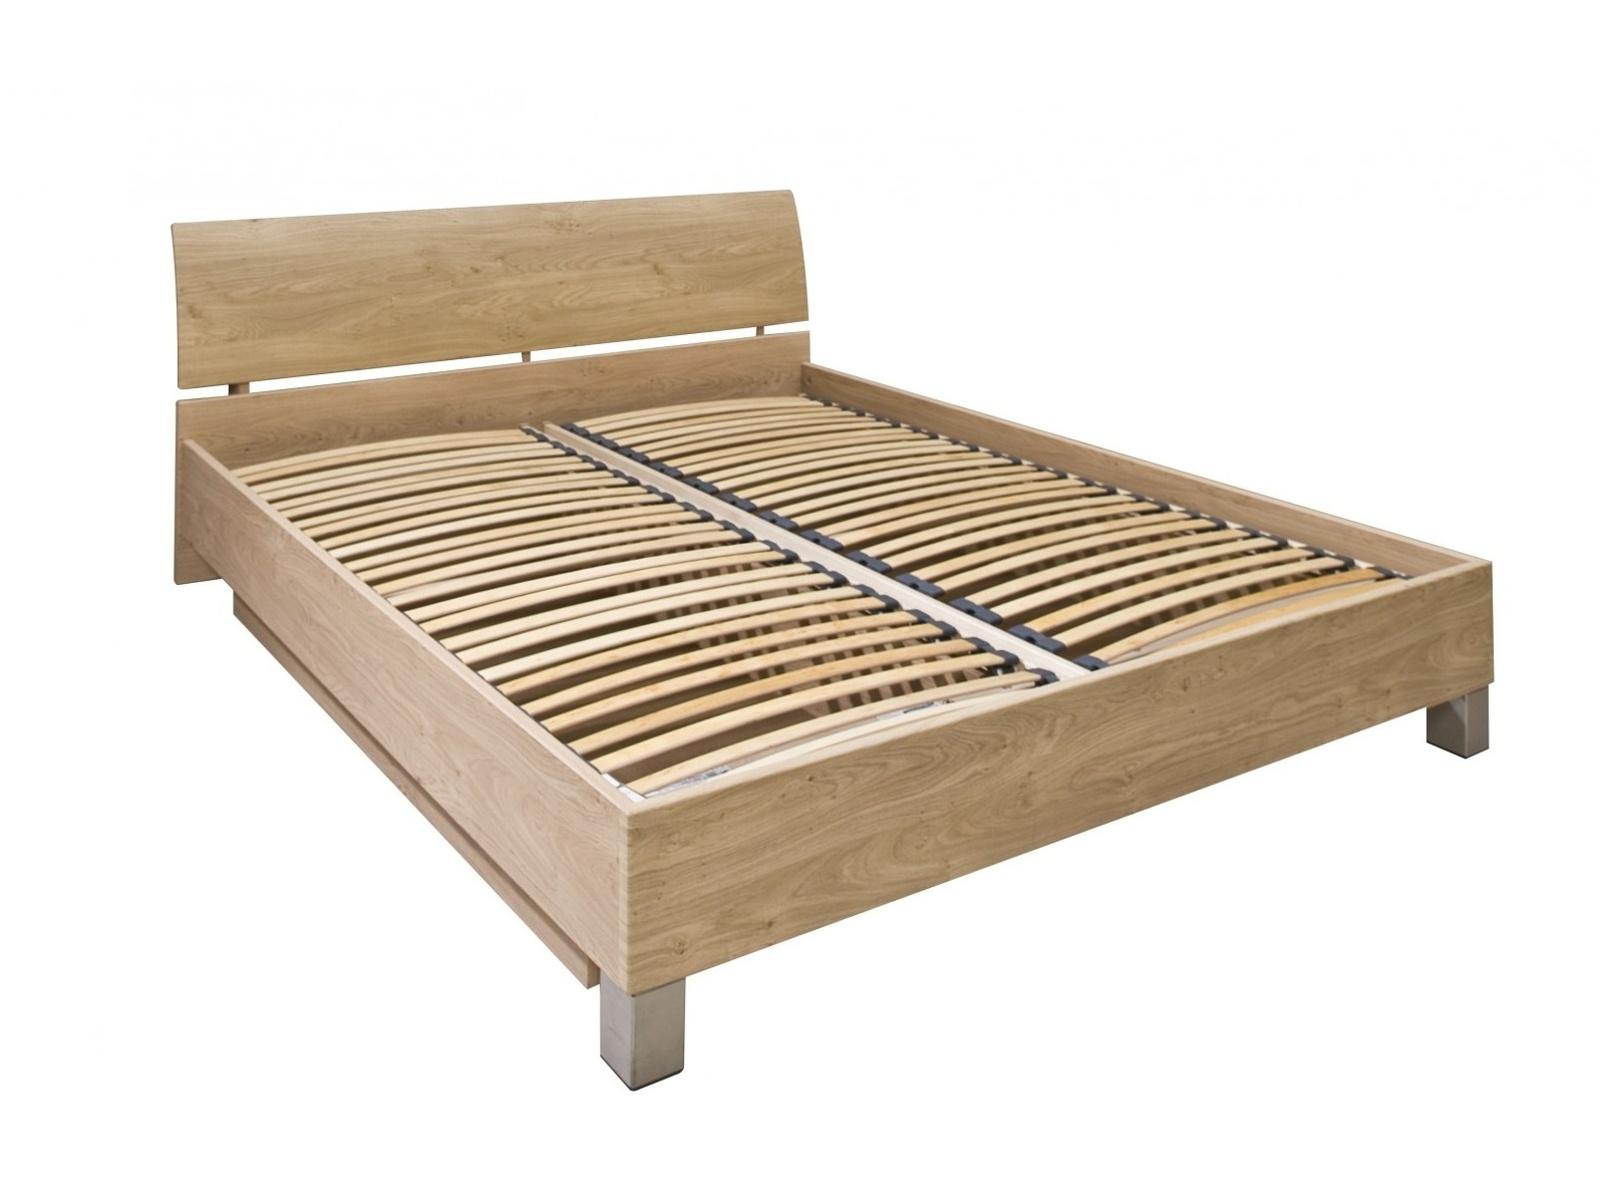 Decodom CASSONOVA typ 04-P-OH-180 postel s rošty a úložnými prostory, dub sukatý